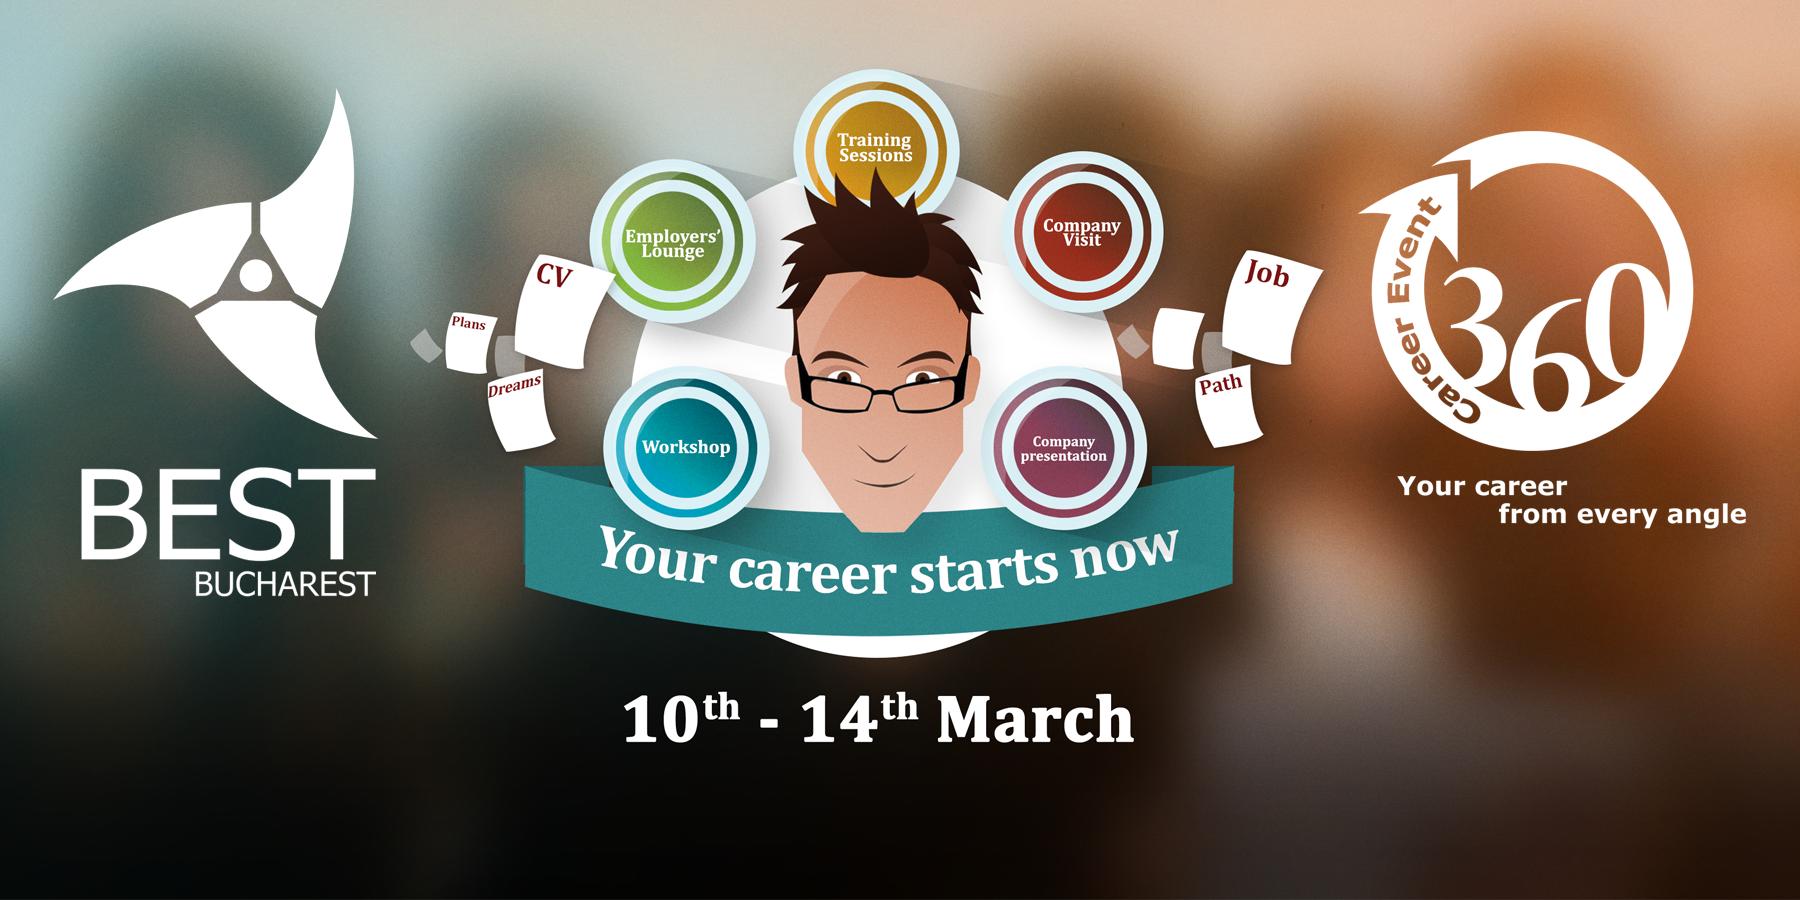 360 Career Event 2014: primii pași spre o carieră de succes!